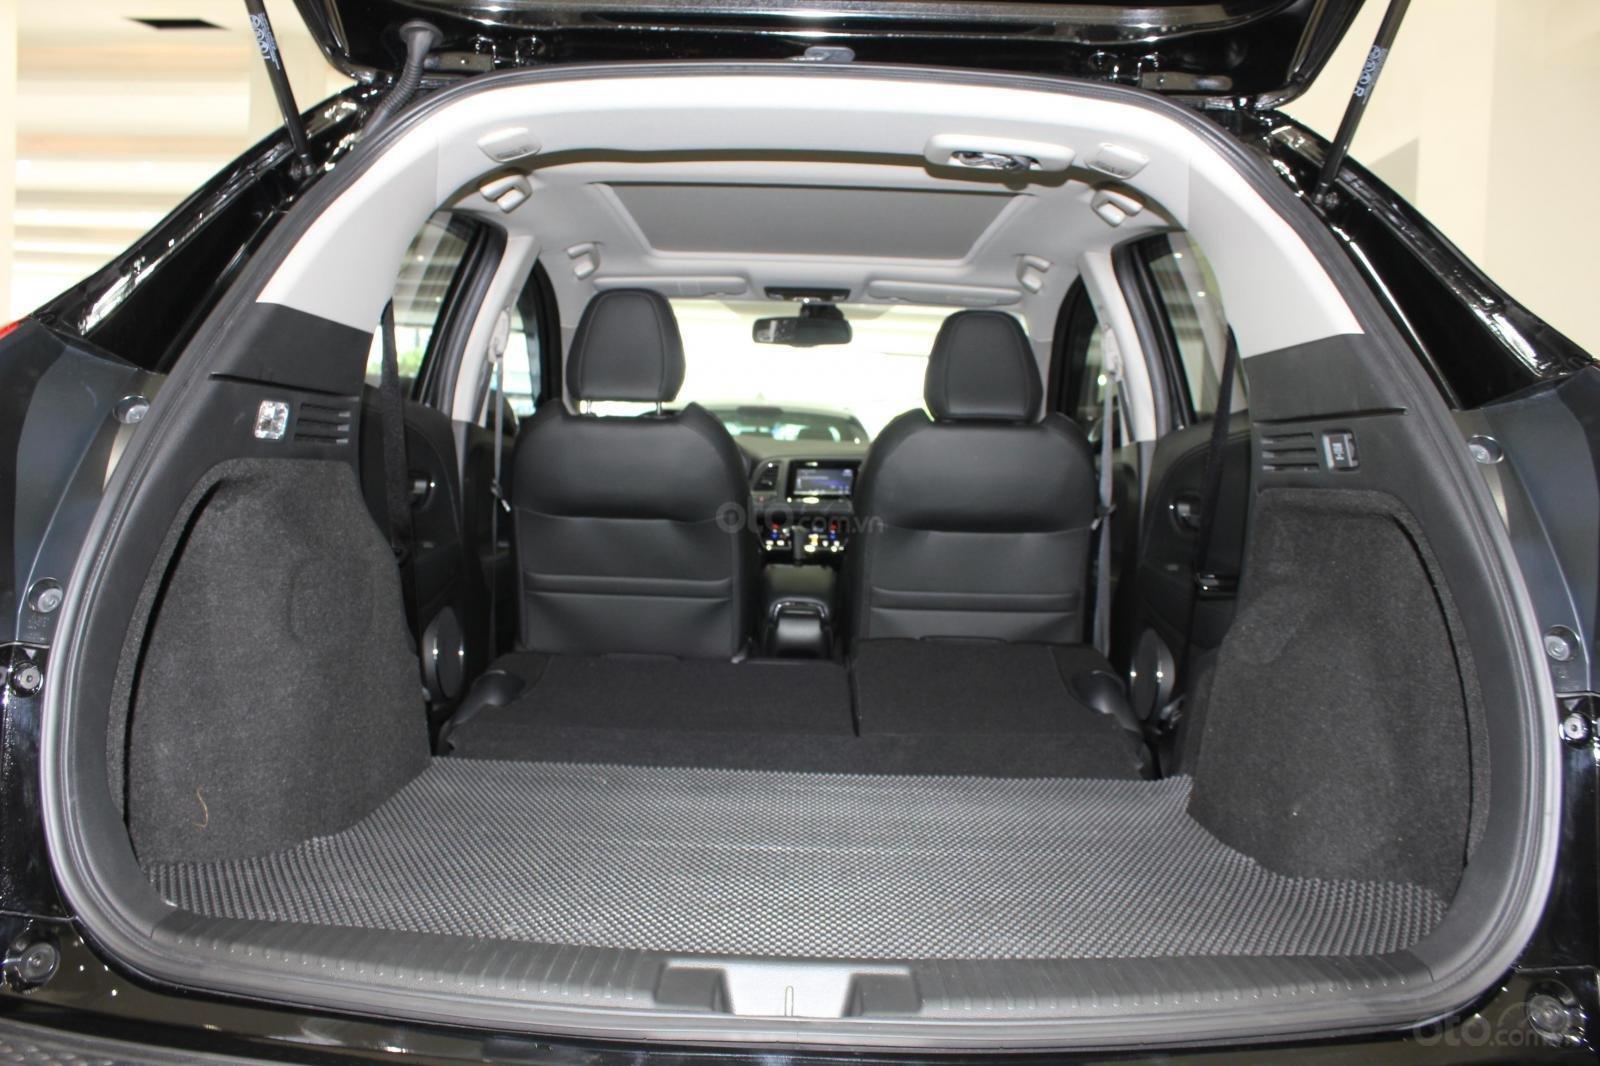 Cần bán xe Honda HR-V bản L 1.8AT SX 2018, màu đen, nhập Thái, siêu lướt 1300km, biển SG (12)